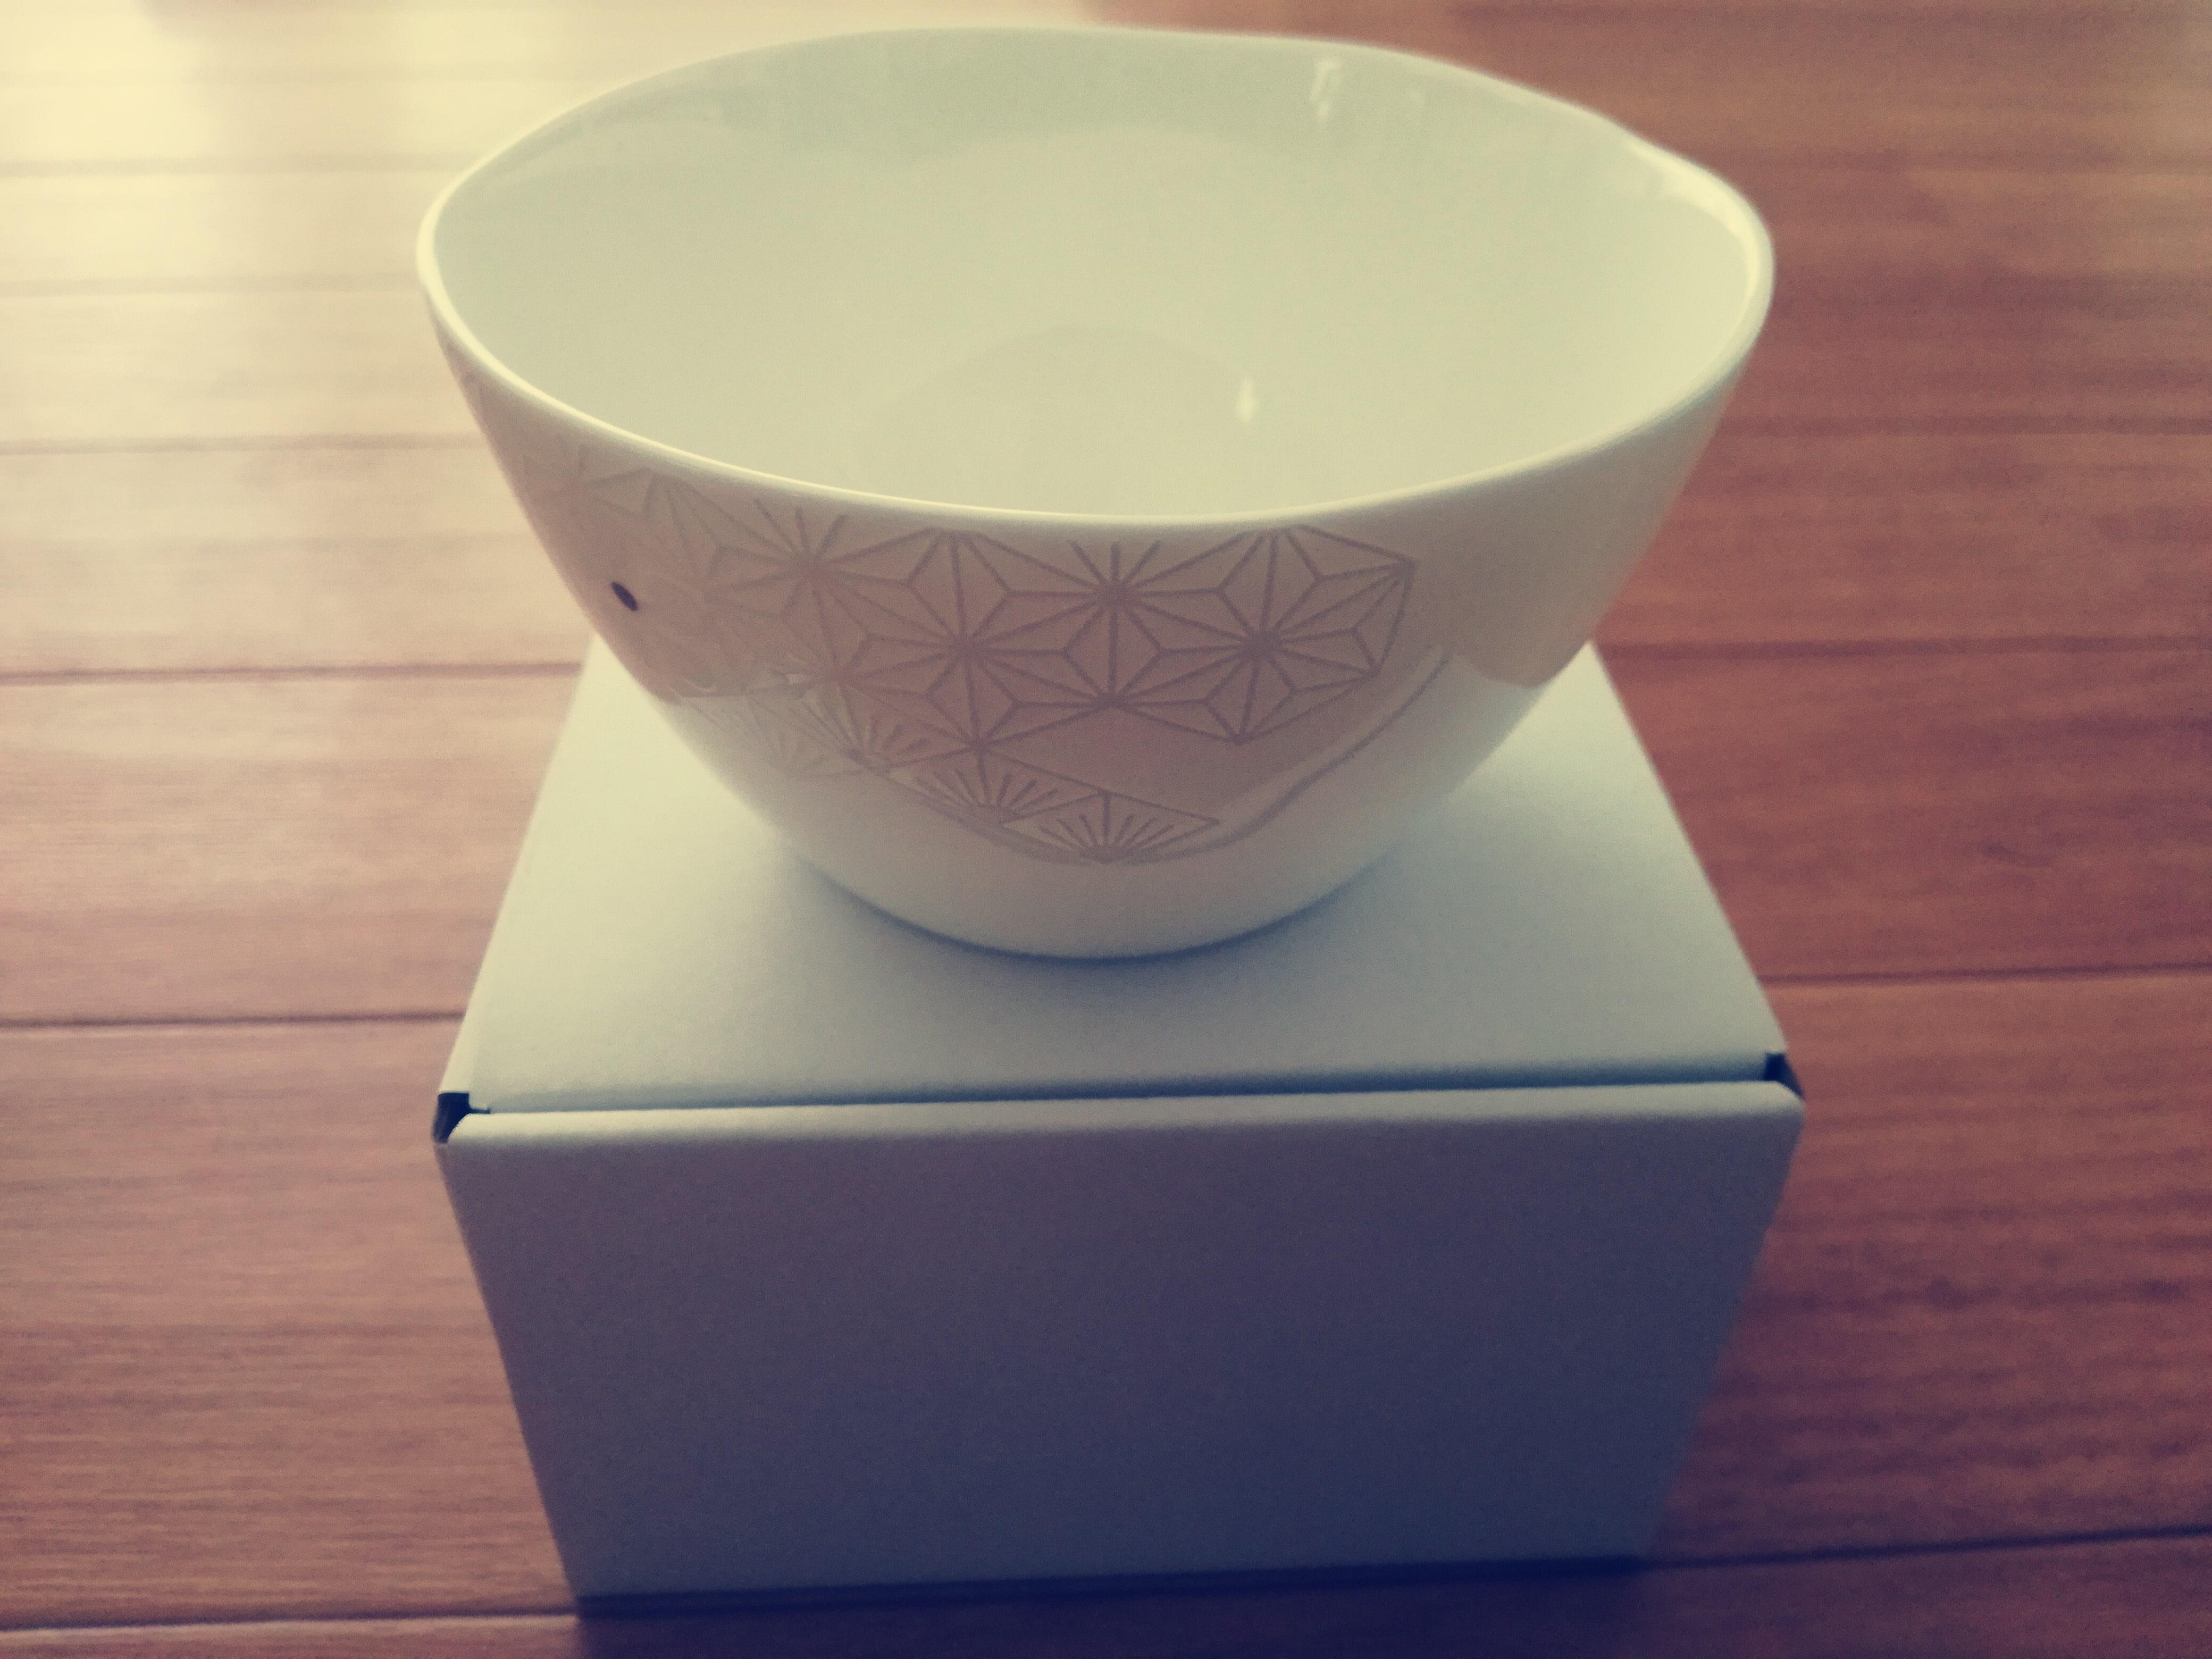 三谷産業(8285)から株主優待のニッコー陶磁器製品が到着!